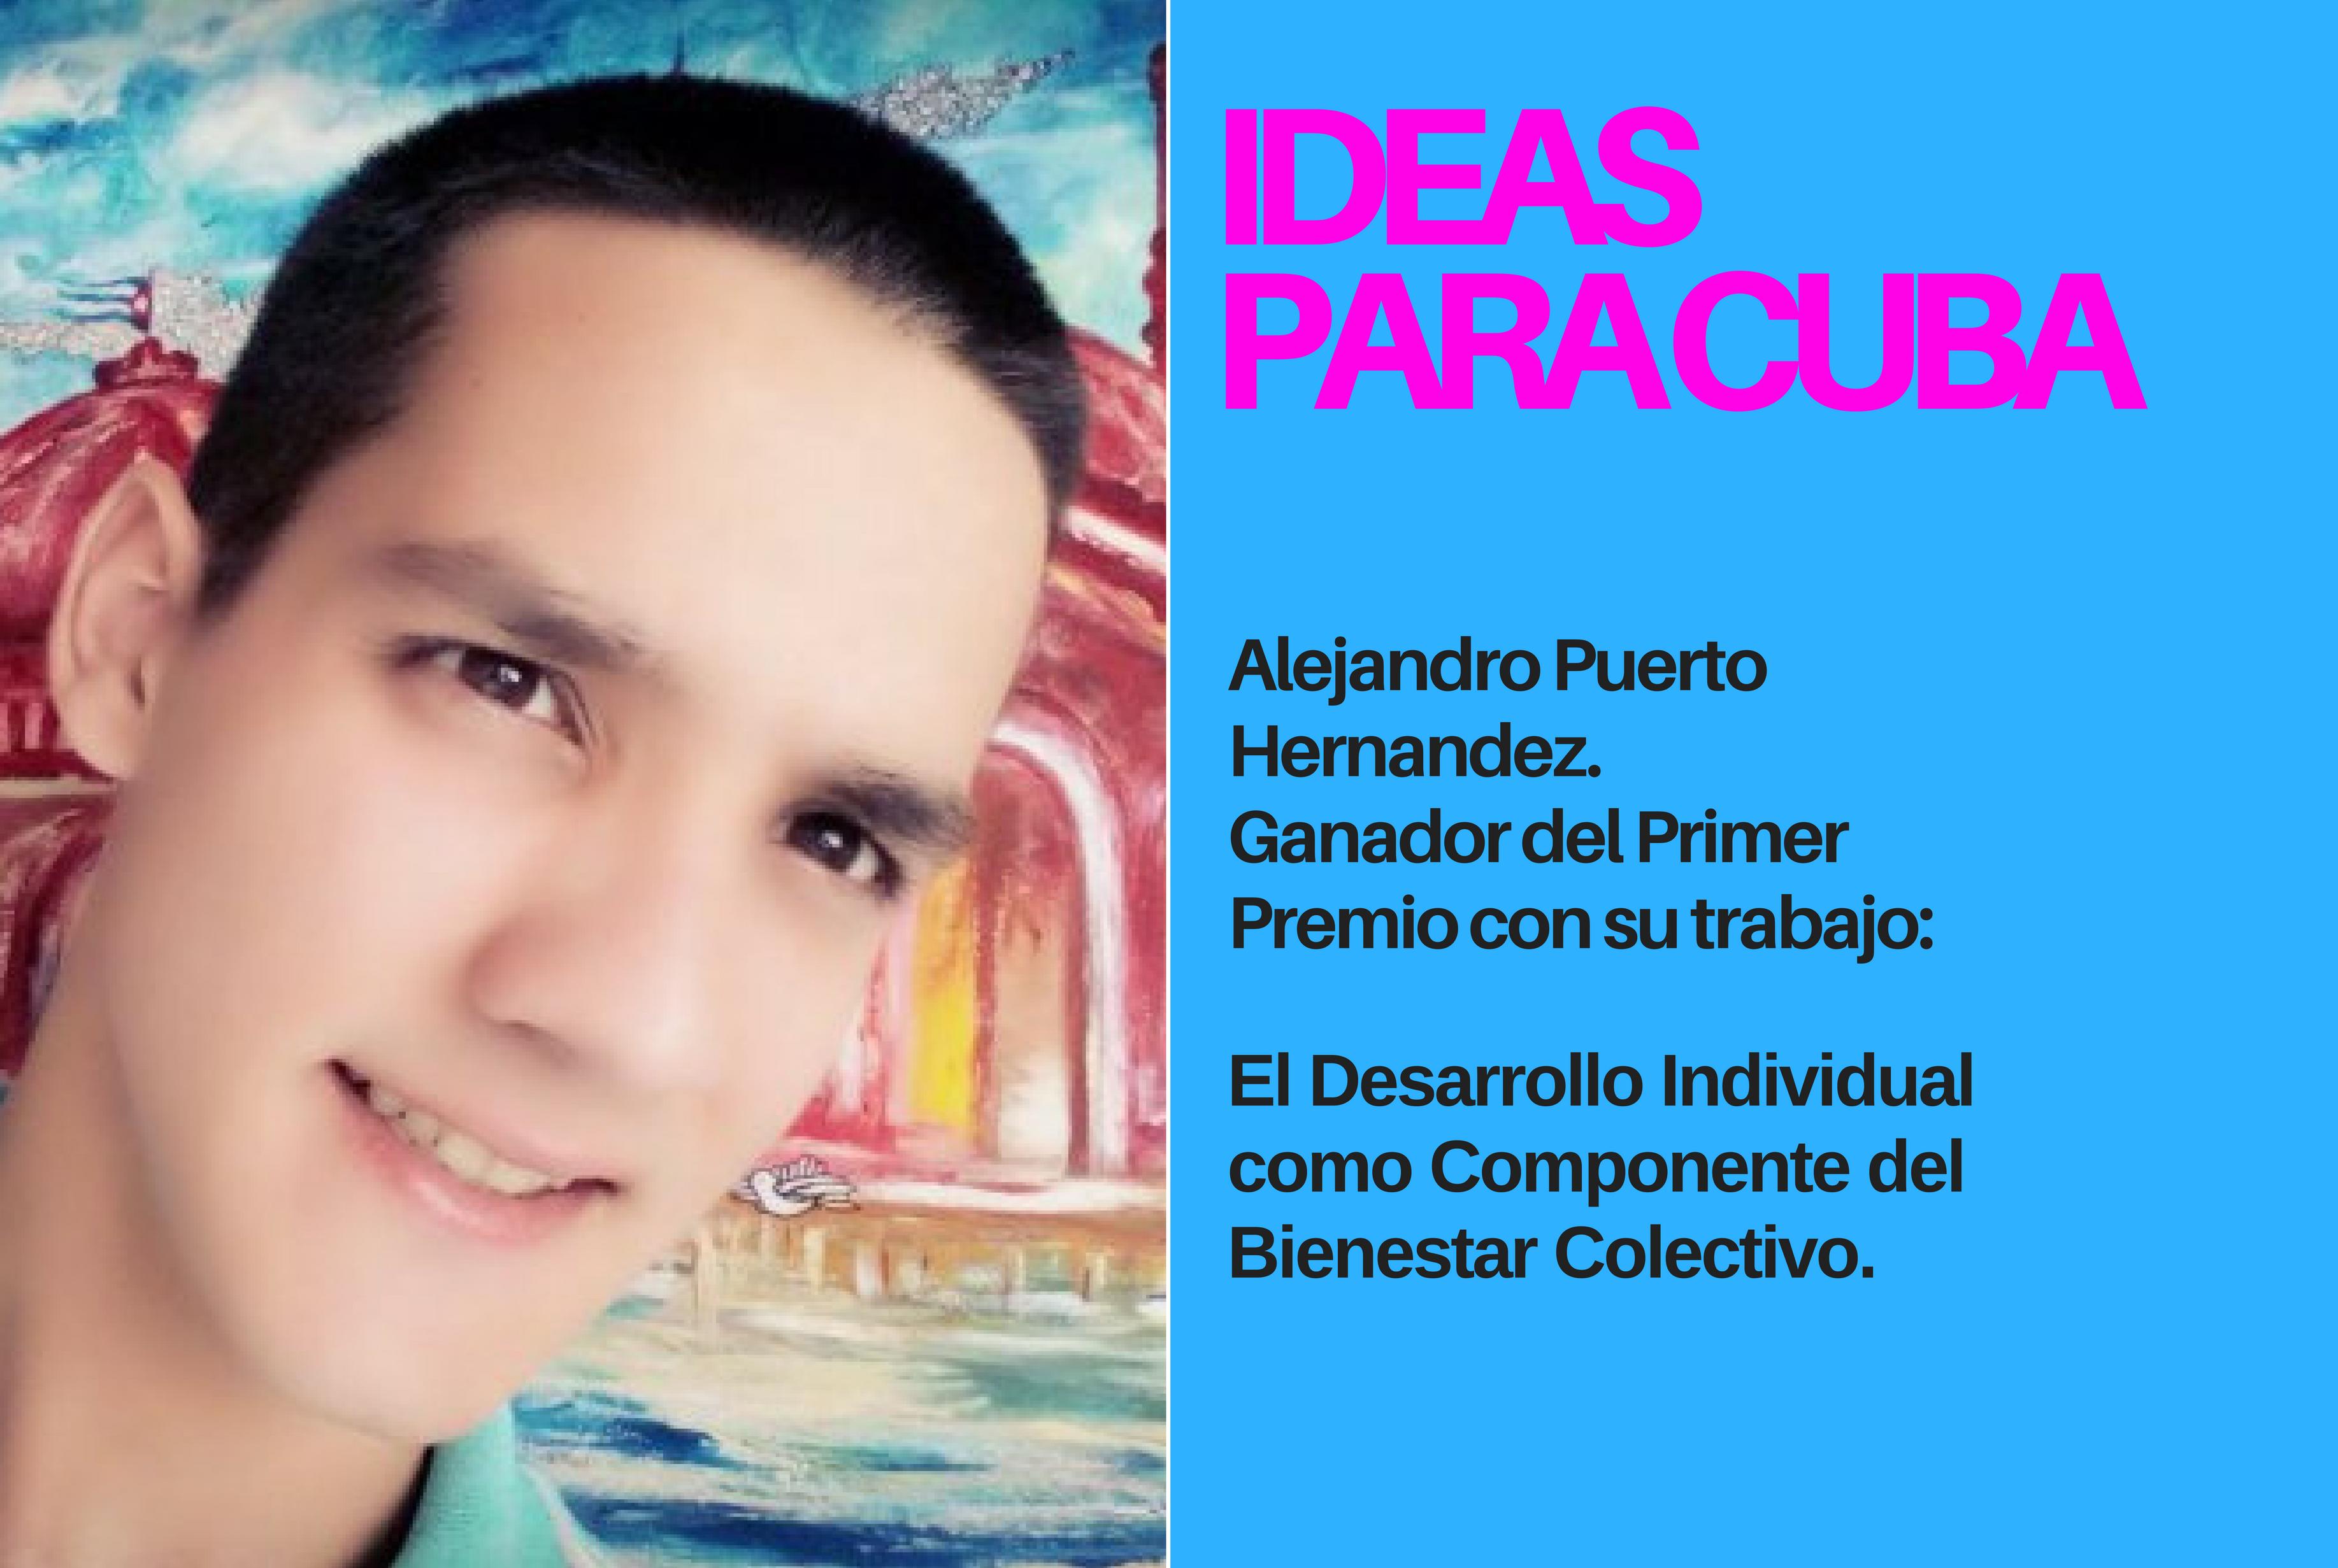 """ANUNCIO DE LOS GANADORES DEL CONCURSO """"IDEAS PARA CUBA"""""""